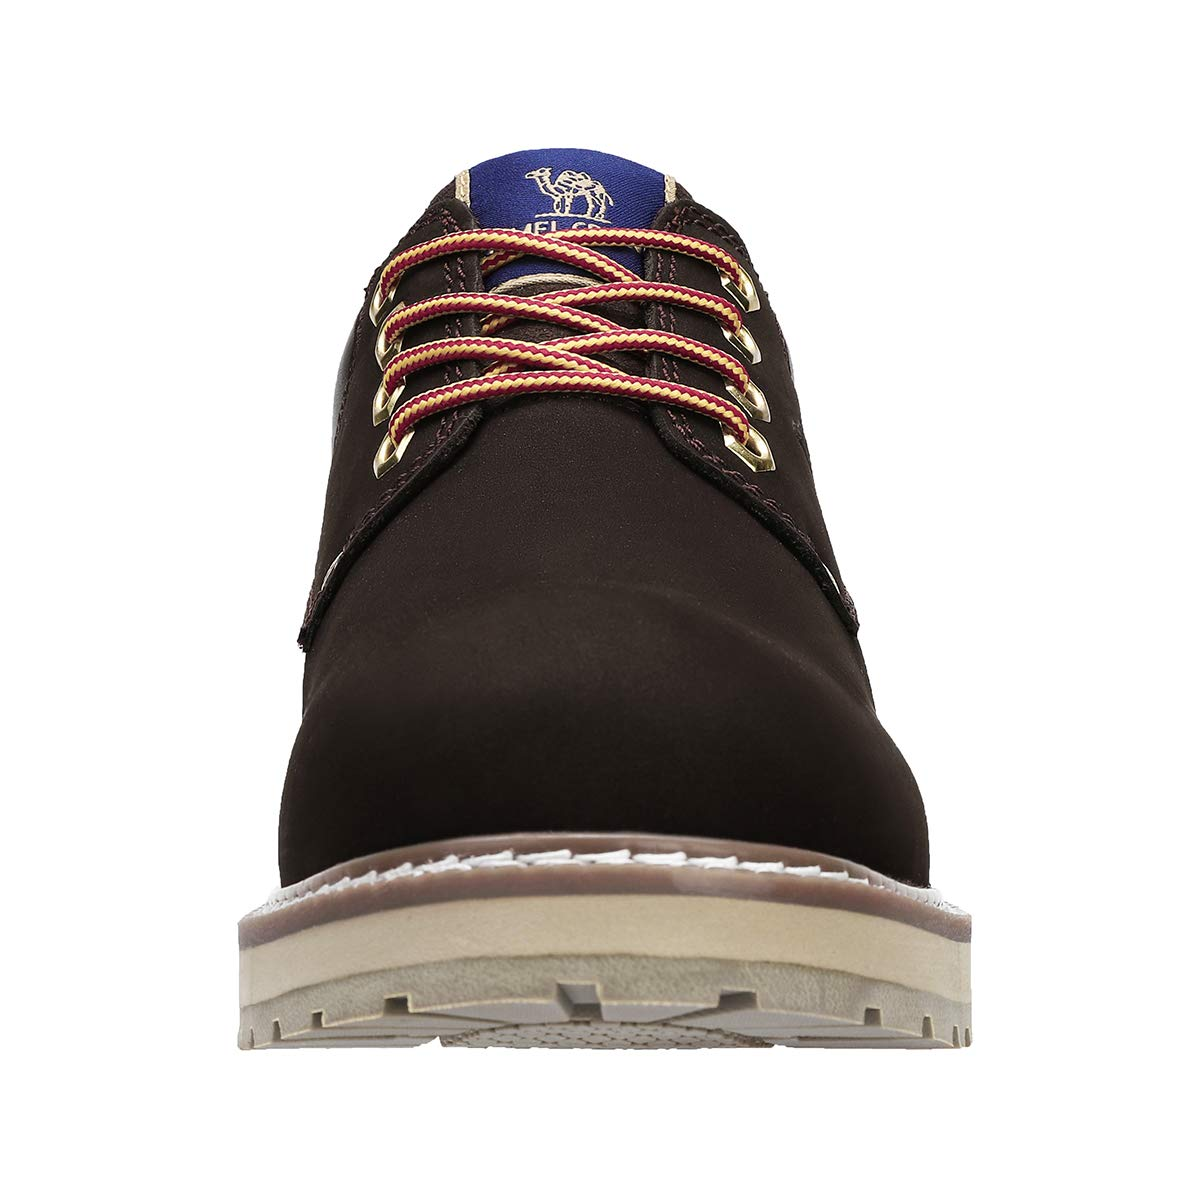 CAMEL CROWN Sicherheitsschuhe Arbeitsschuhe Herren, Freizeitschuh Workwear Schuhe Herren (Dunkelbraun, 44 EU)